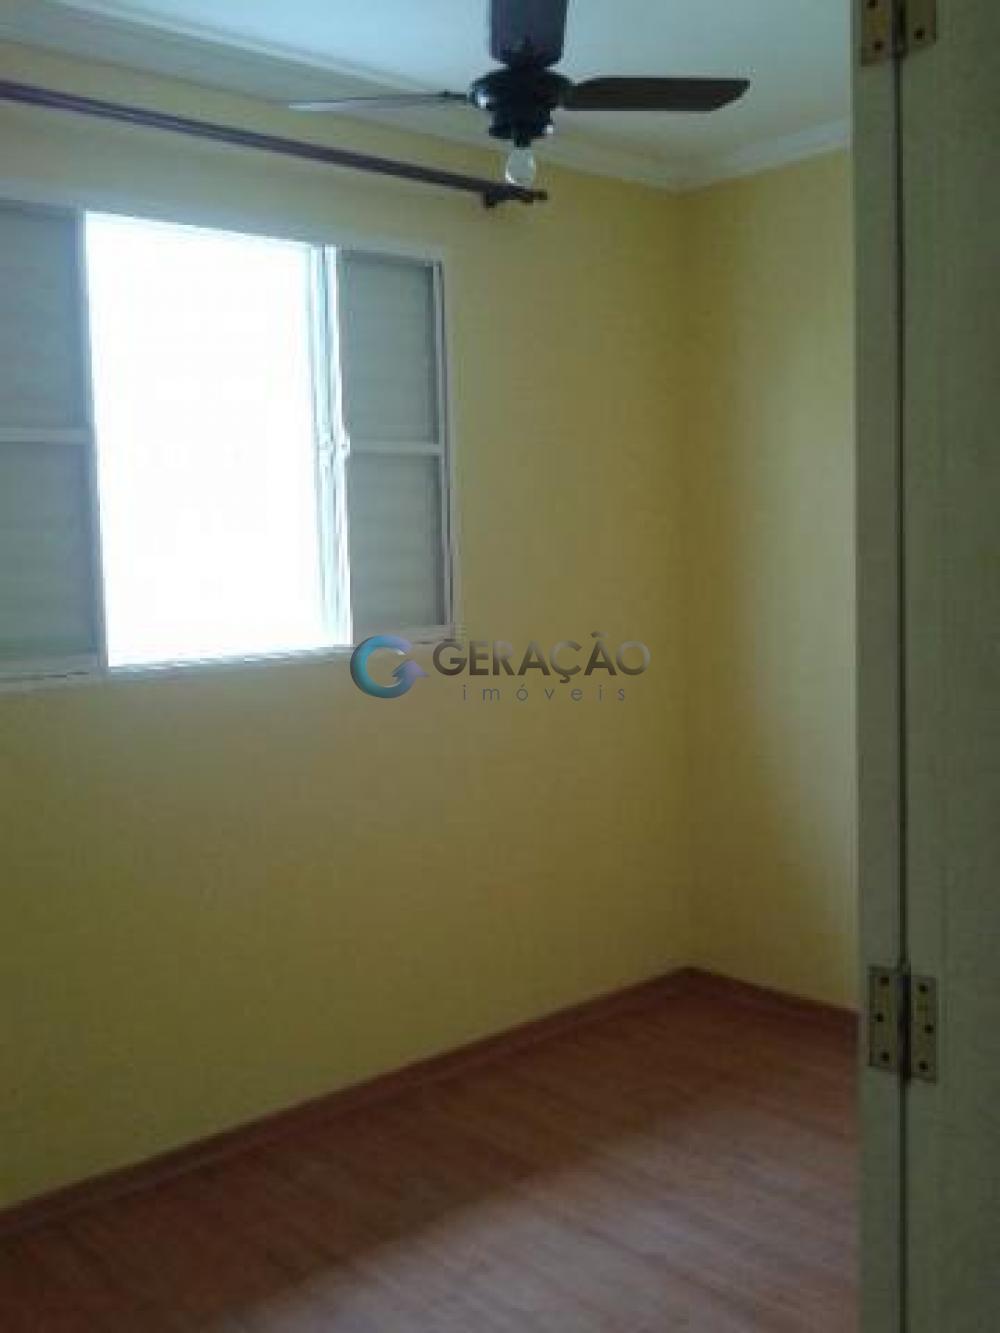 Comprar Casa / Padrão em São José dos Campos apenas R$ 450.000,00 - Foto 10